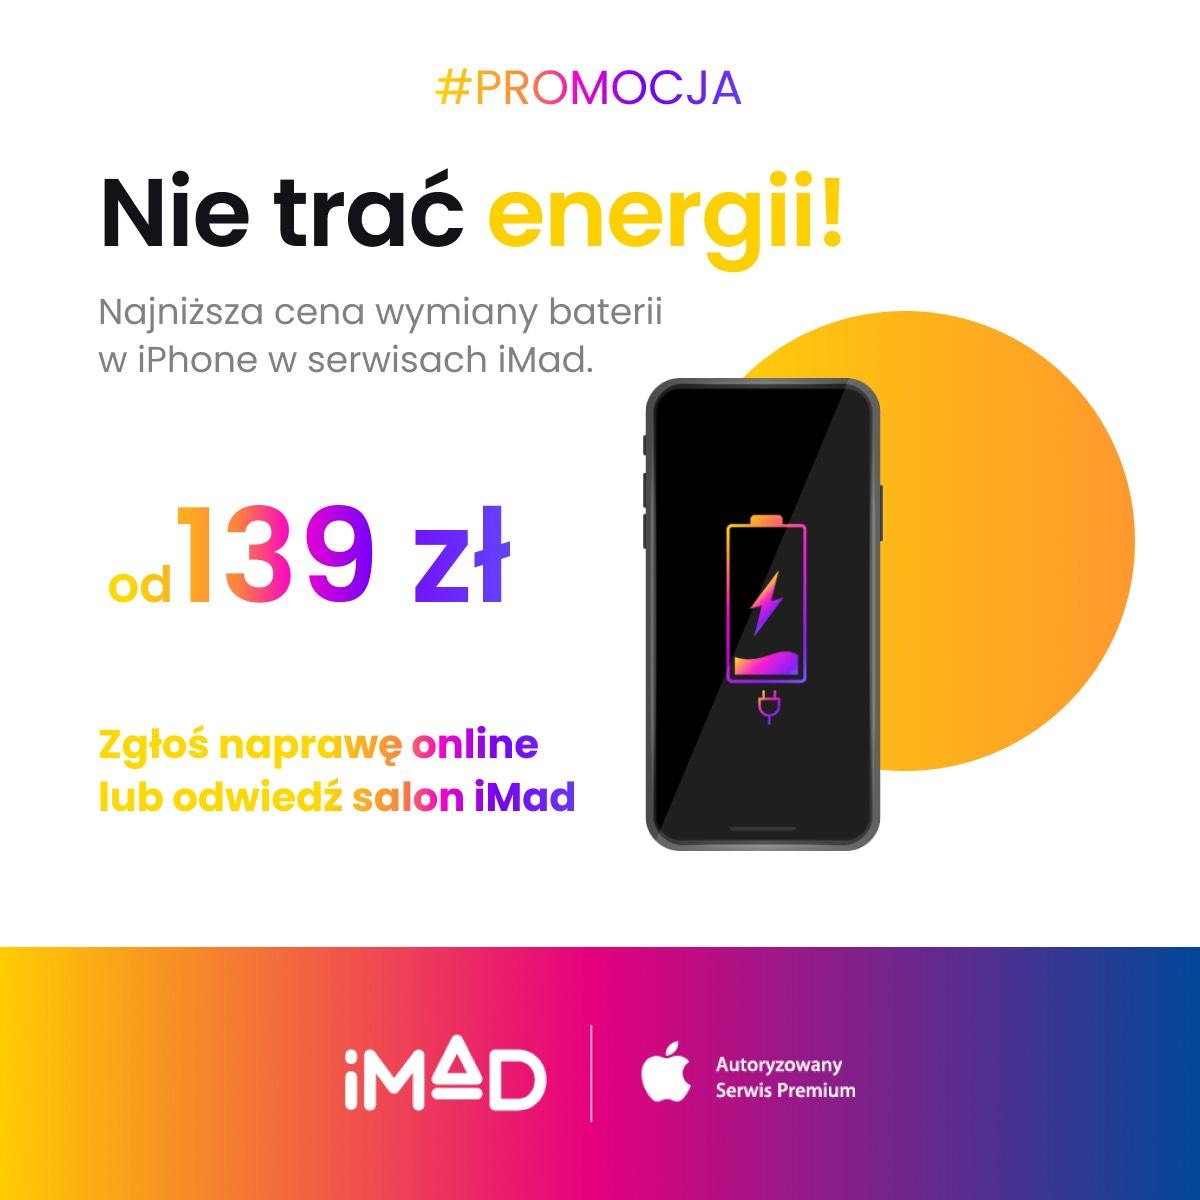 Promocyjna wymiana baterii w iMad